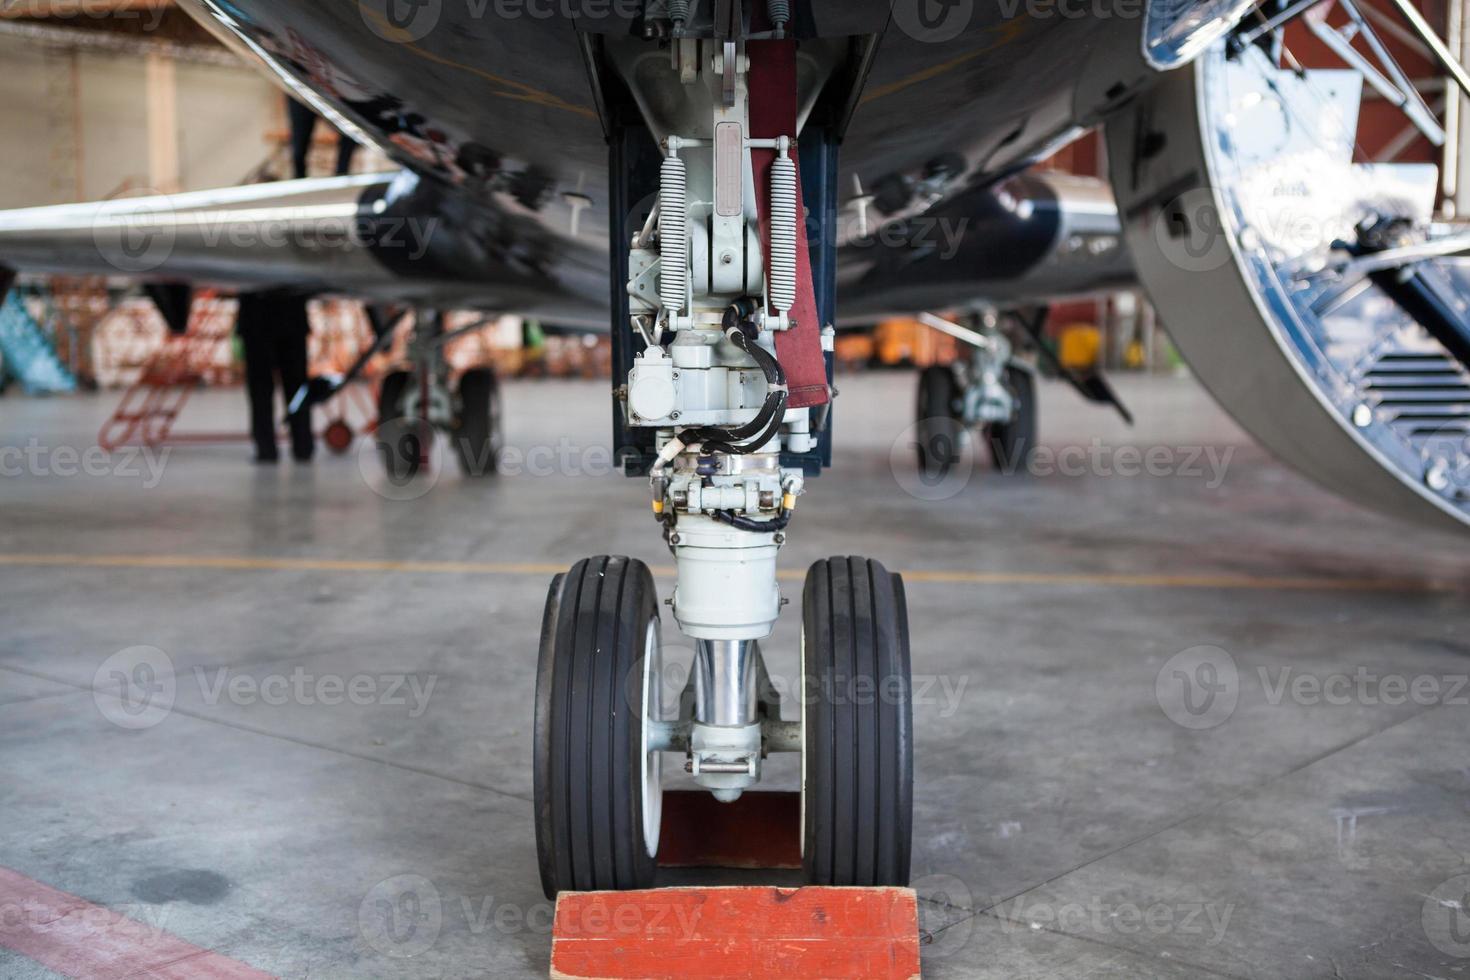 zakenvliegtuig blijft in hangar .. foto